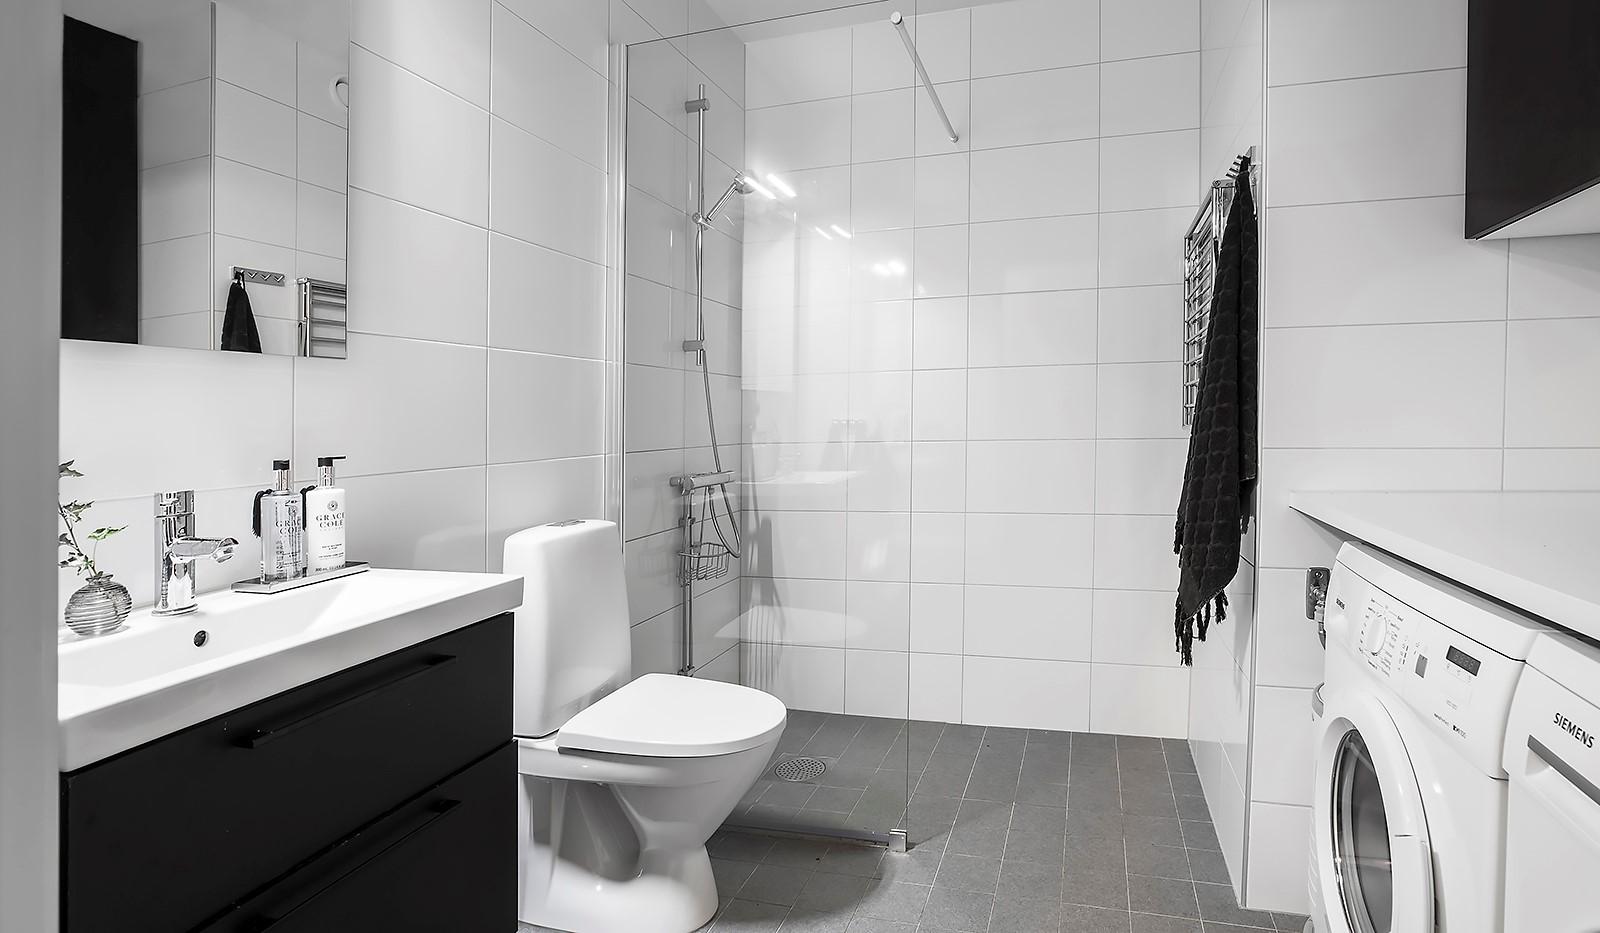 Årgångsgatan 7, 2tr - Stort helkaklat badrum med tvättmaskin och torktumlare